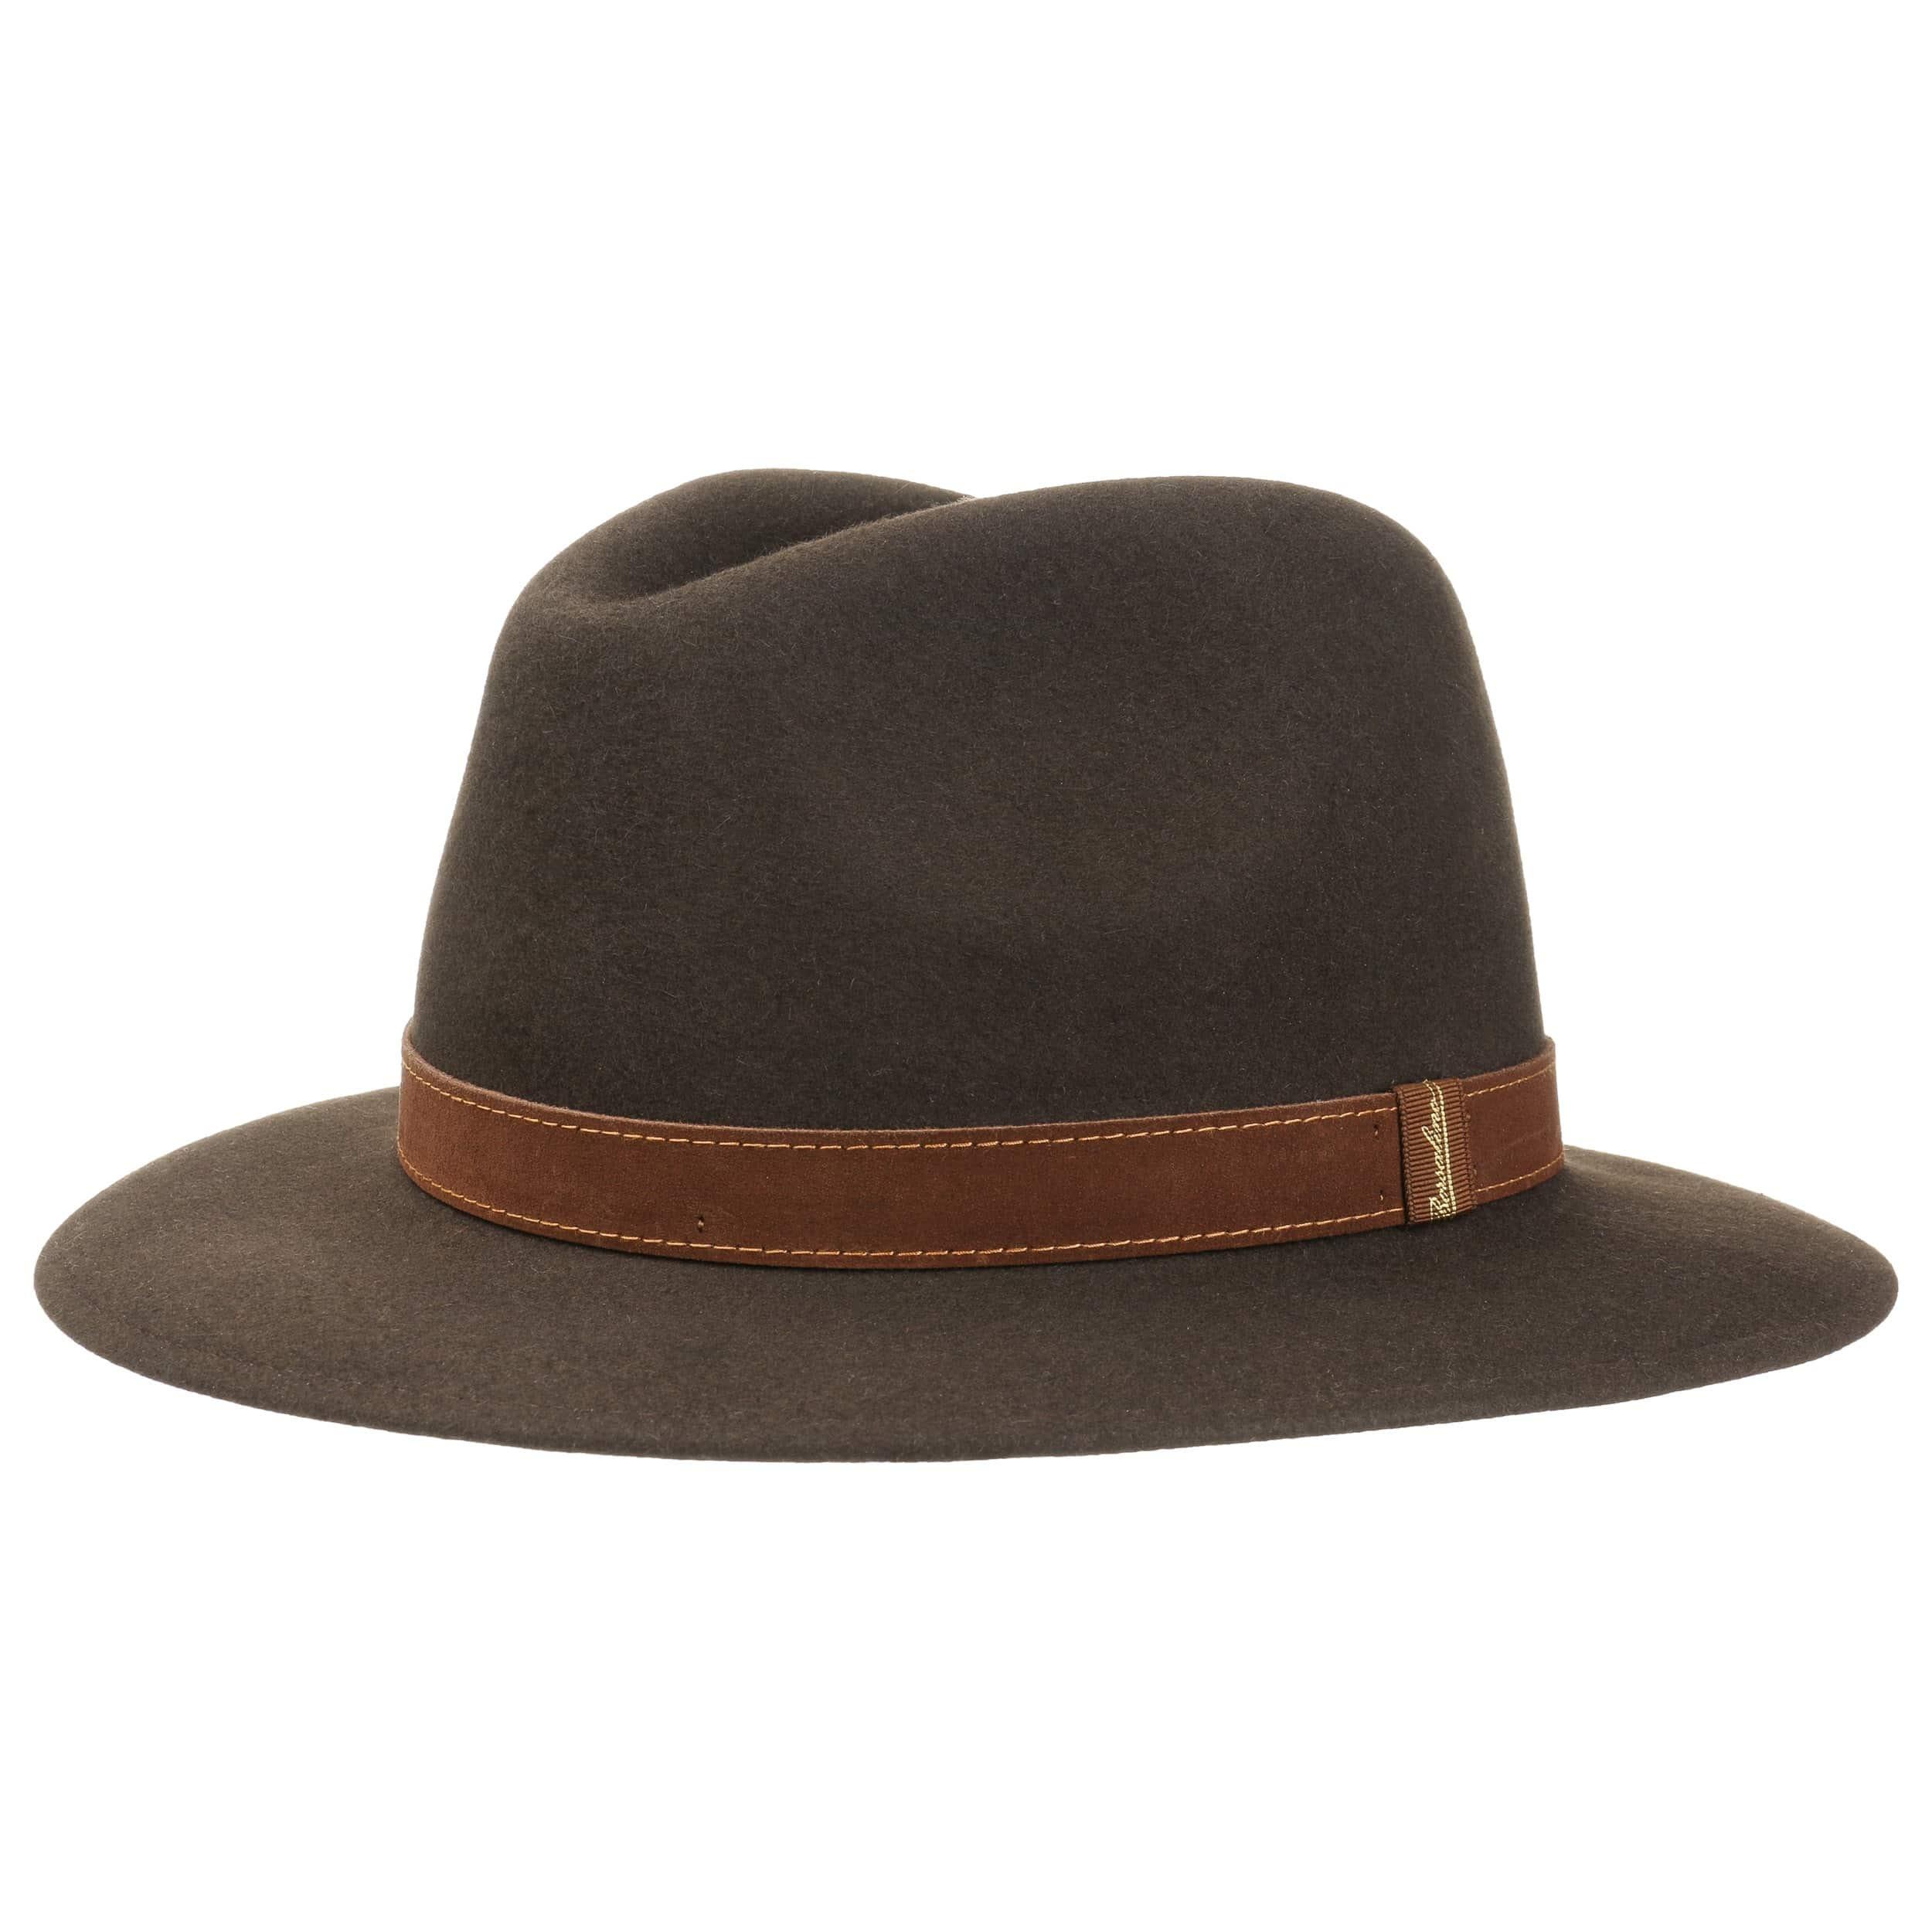 borsalino traveller marrone hoed eur 299 00 hoeden mutsen online 5000 hoeden de winkel. Black Bedroom Furniture Sets. Home Design Ideas